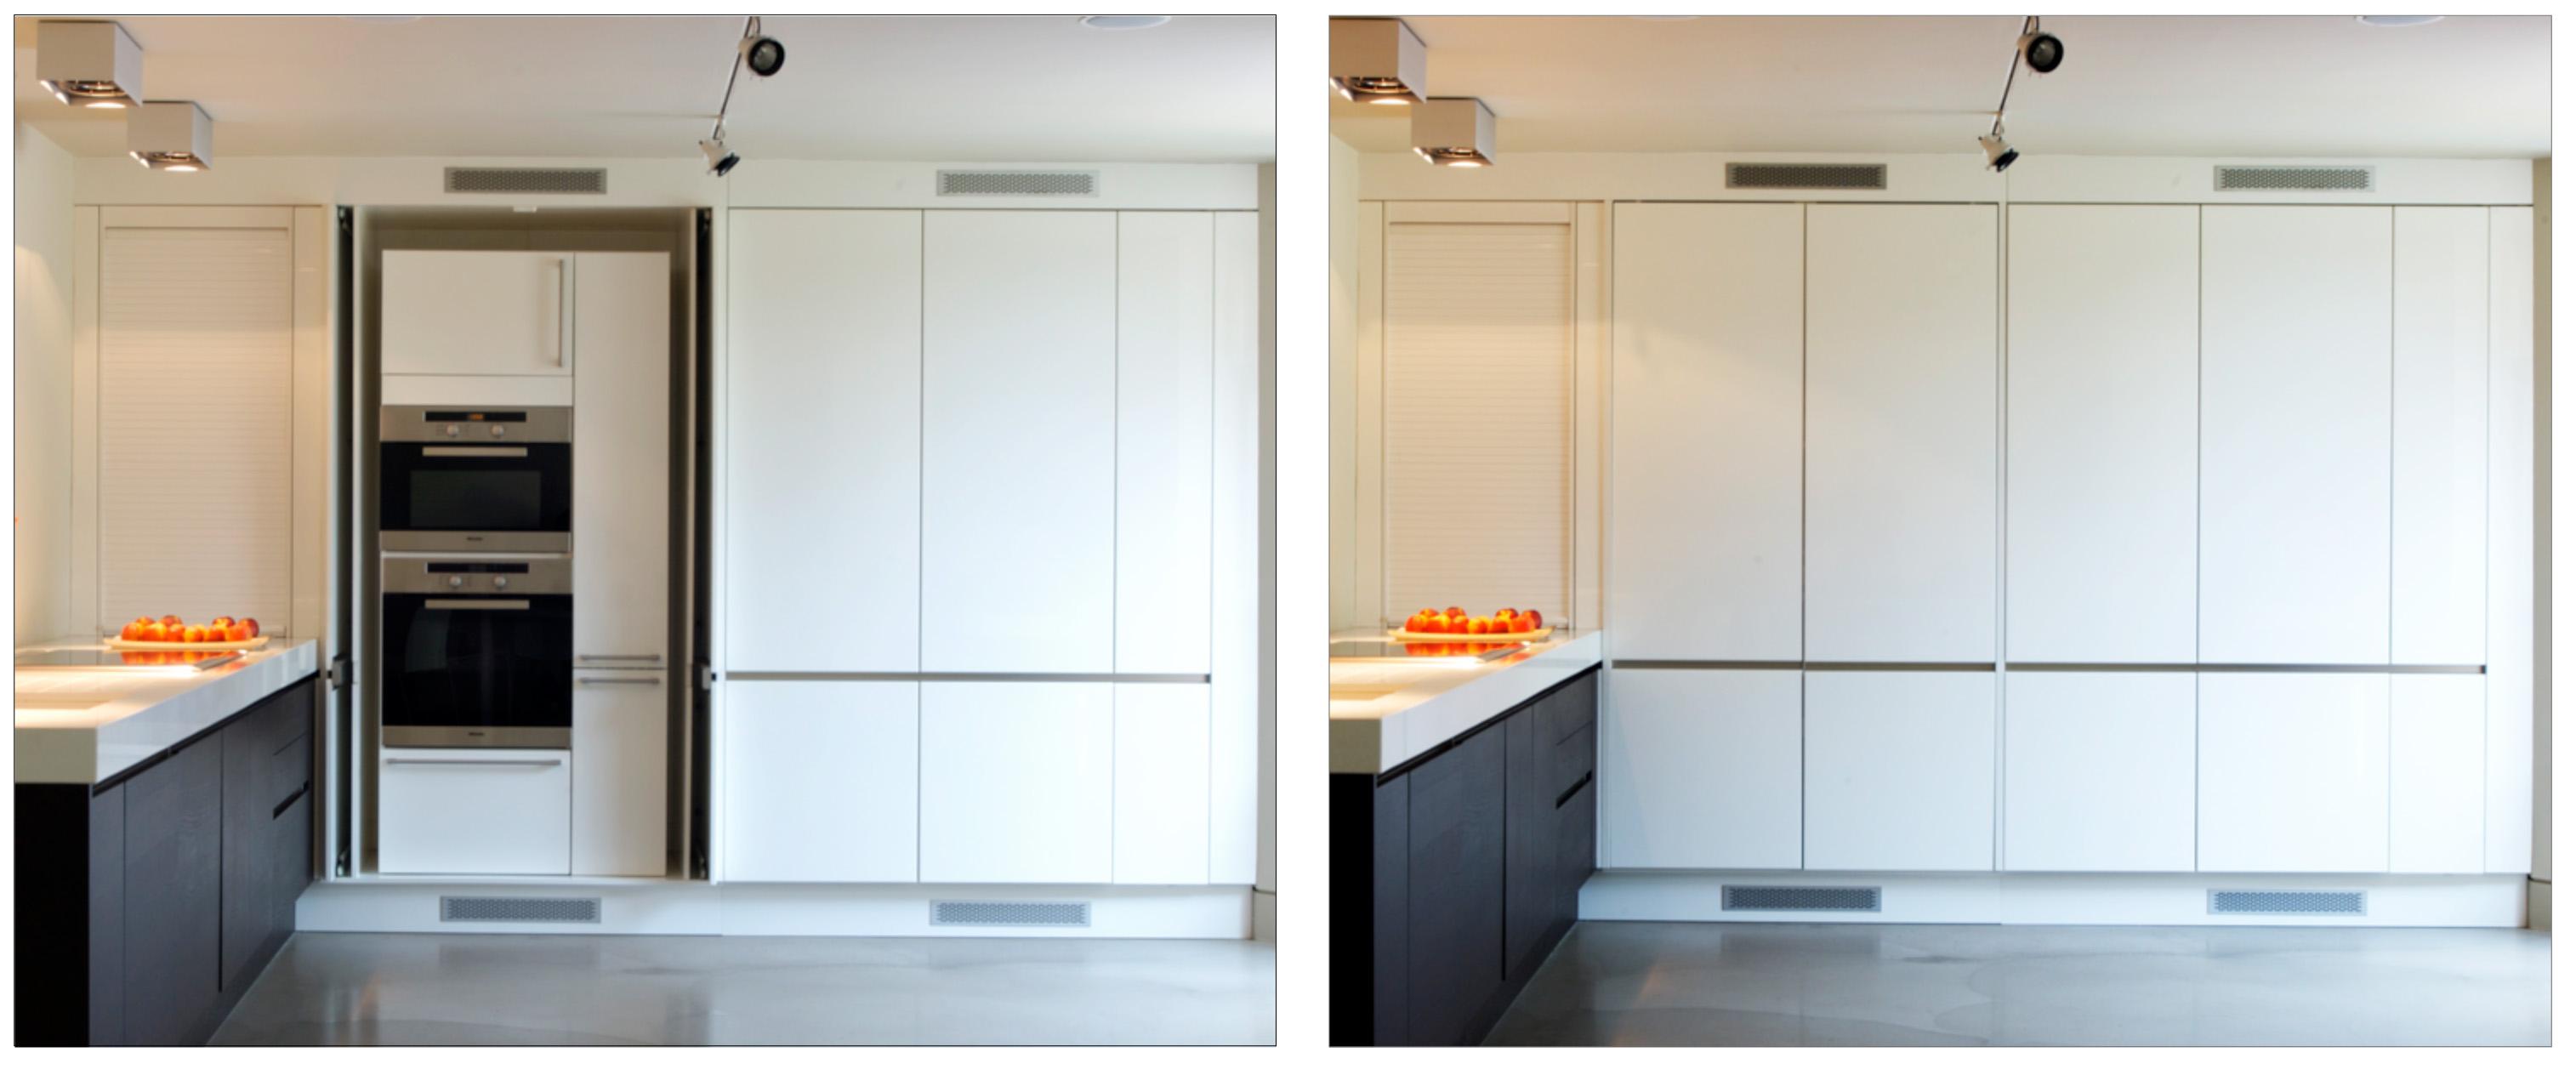 The Secret Kitchen  Neil Lerner Kitchen Designs